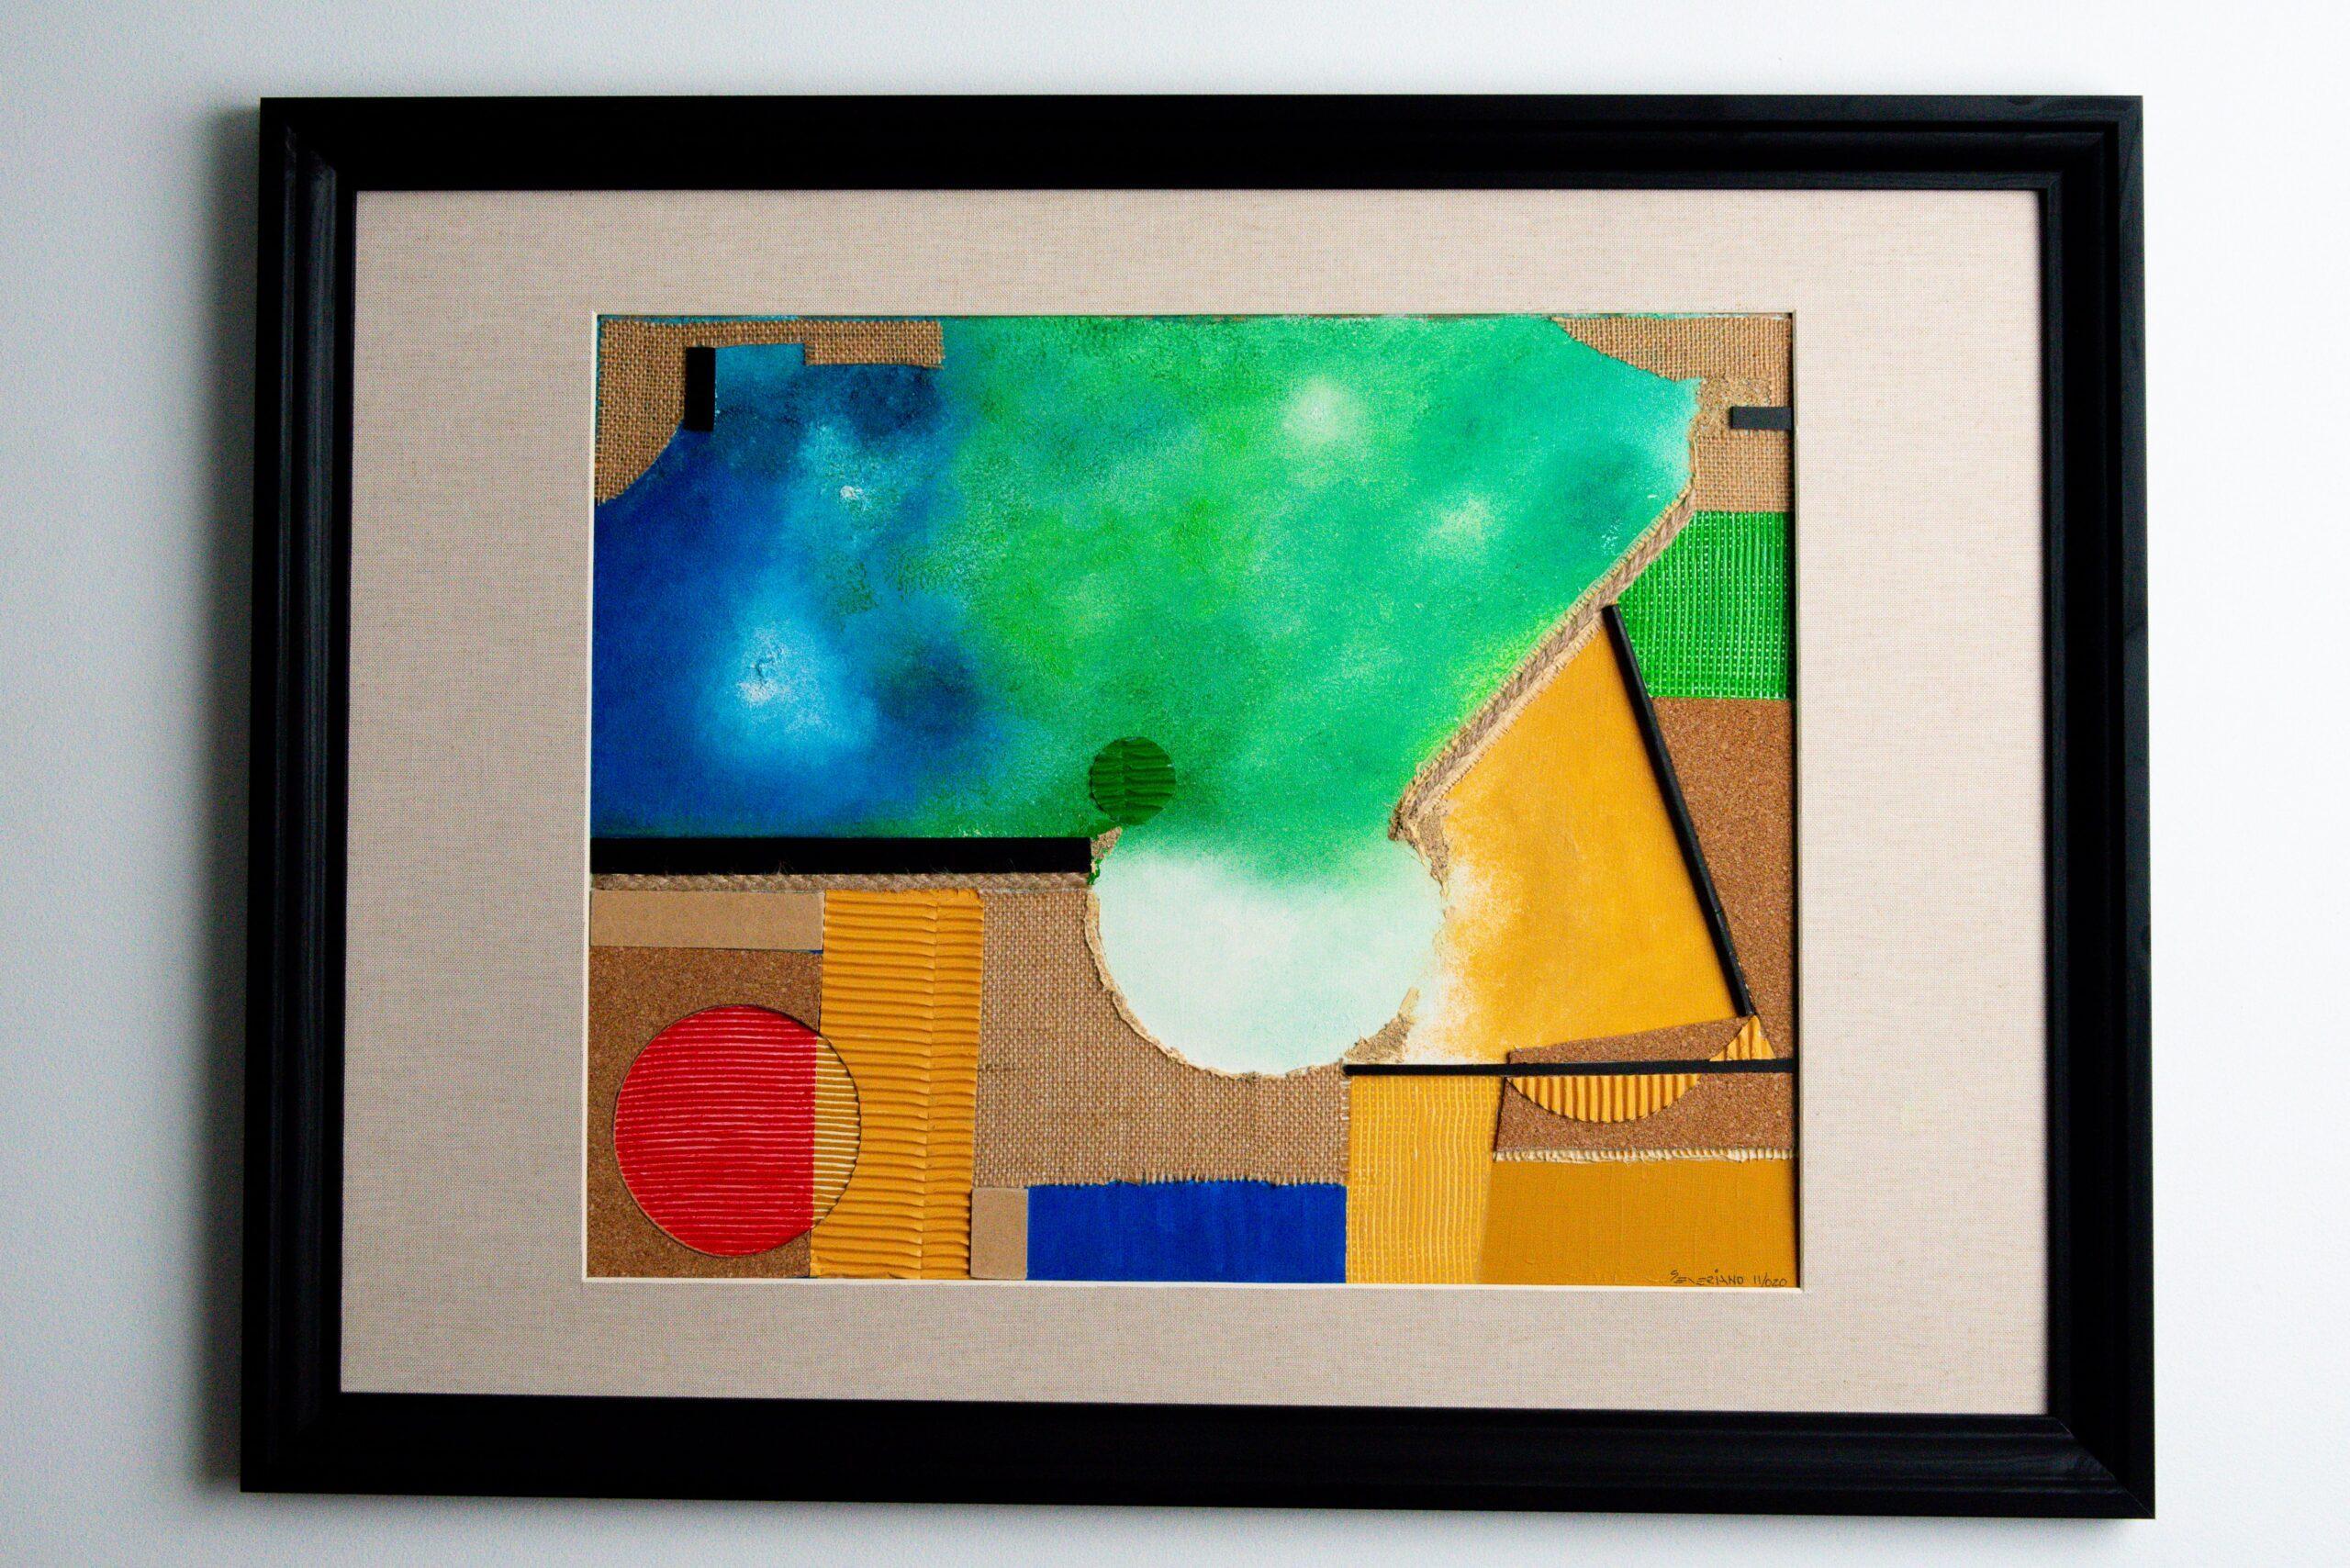 Obras de Arte e Quadros de José Severiano Nuvem Amazônica